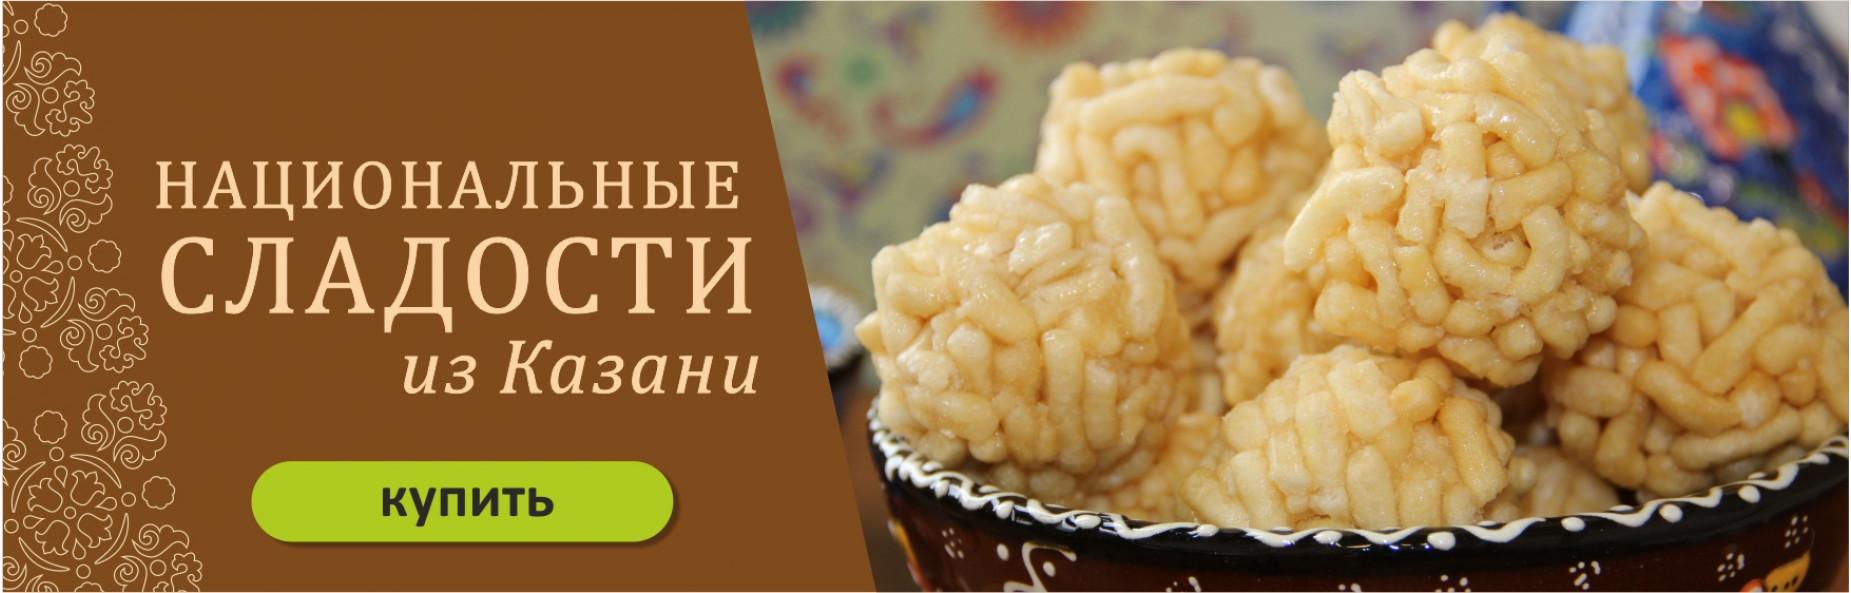 татарские сладости